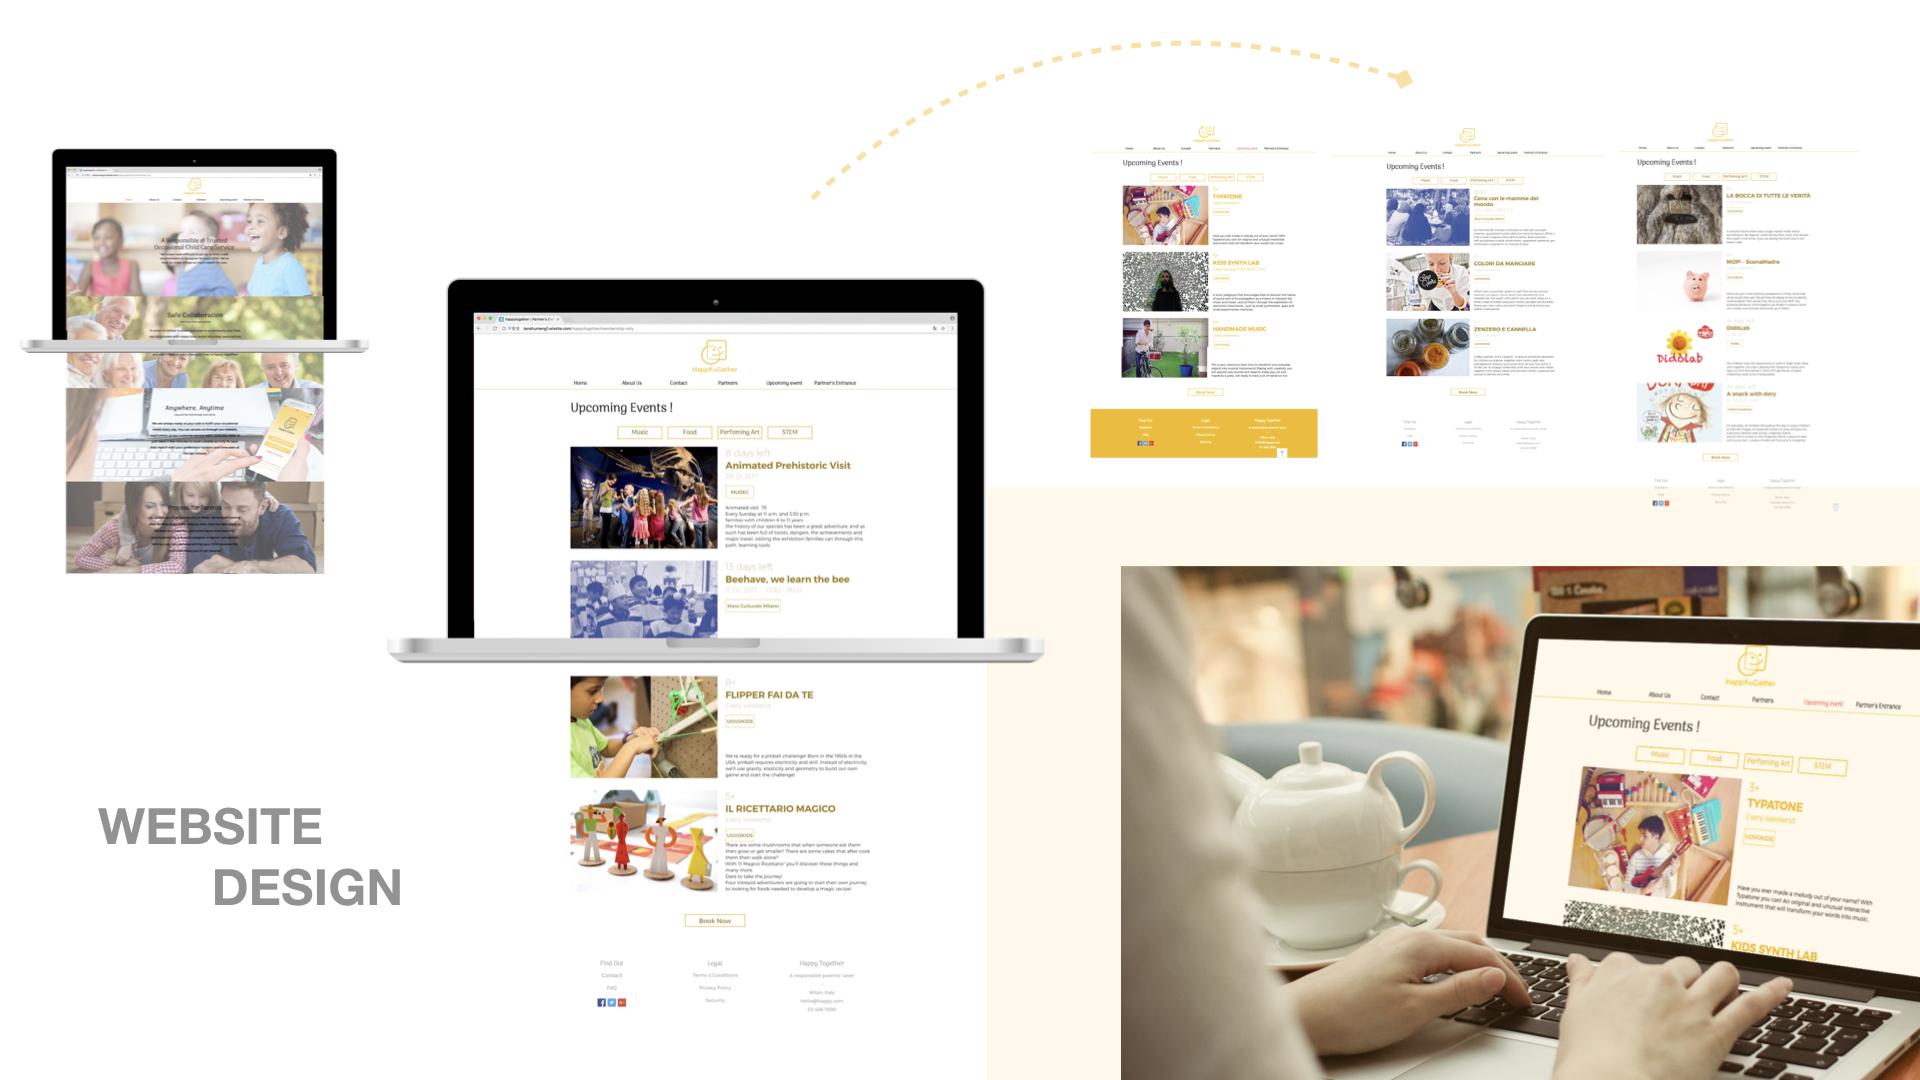 WEB DESIGN.001